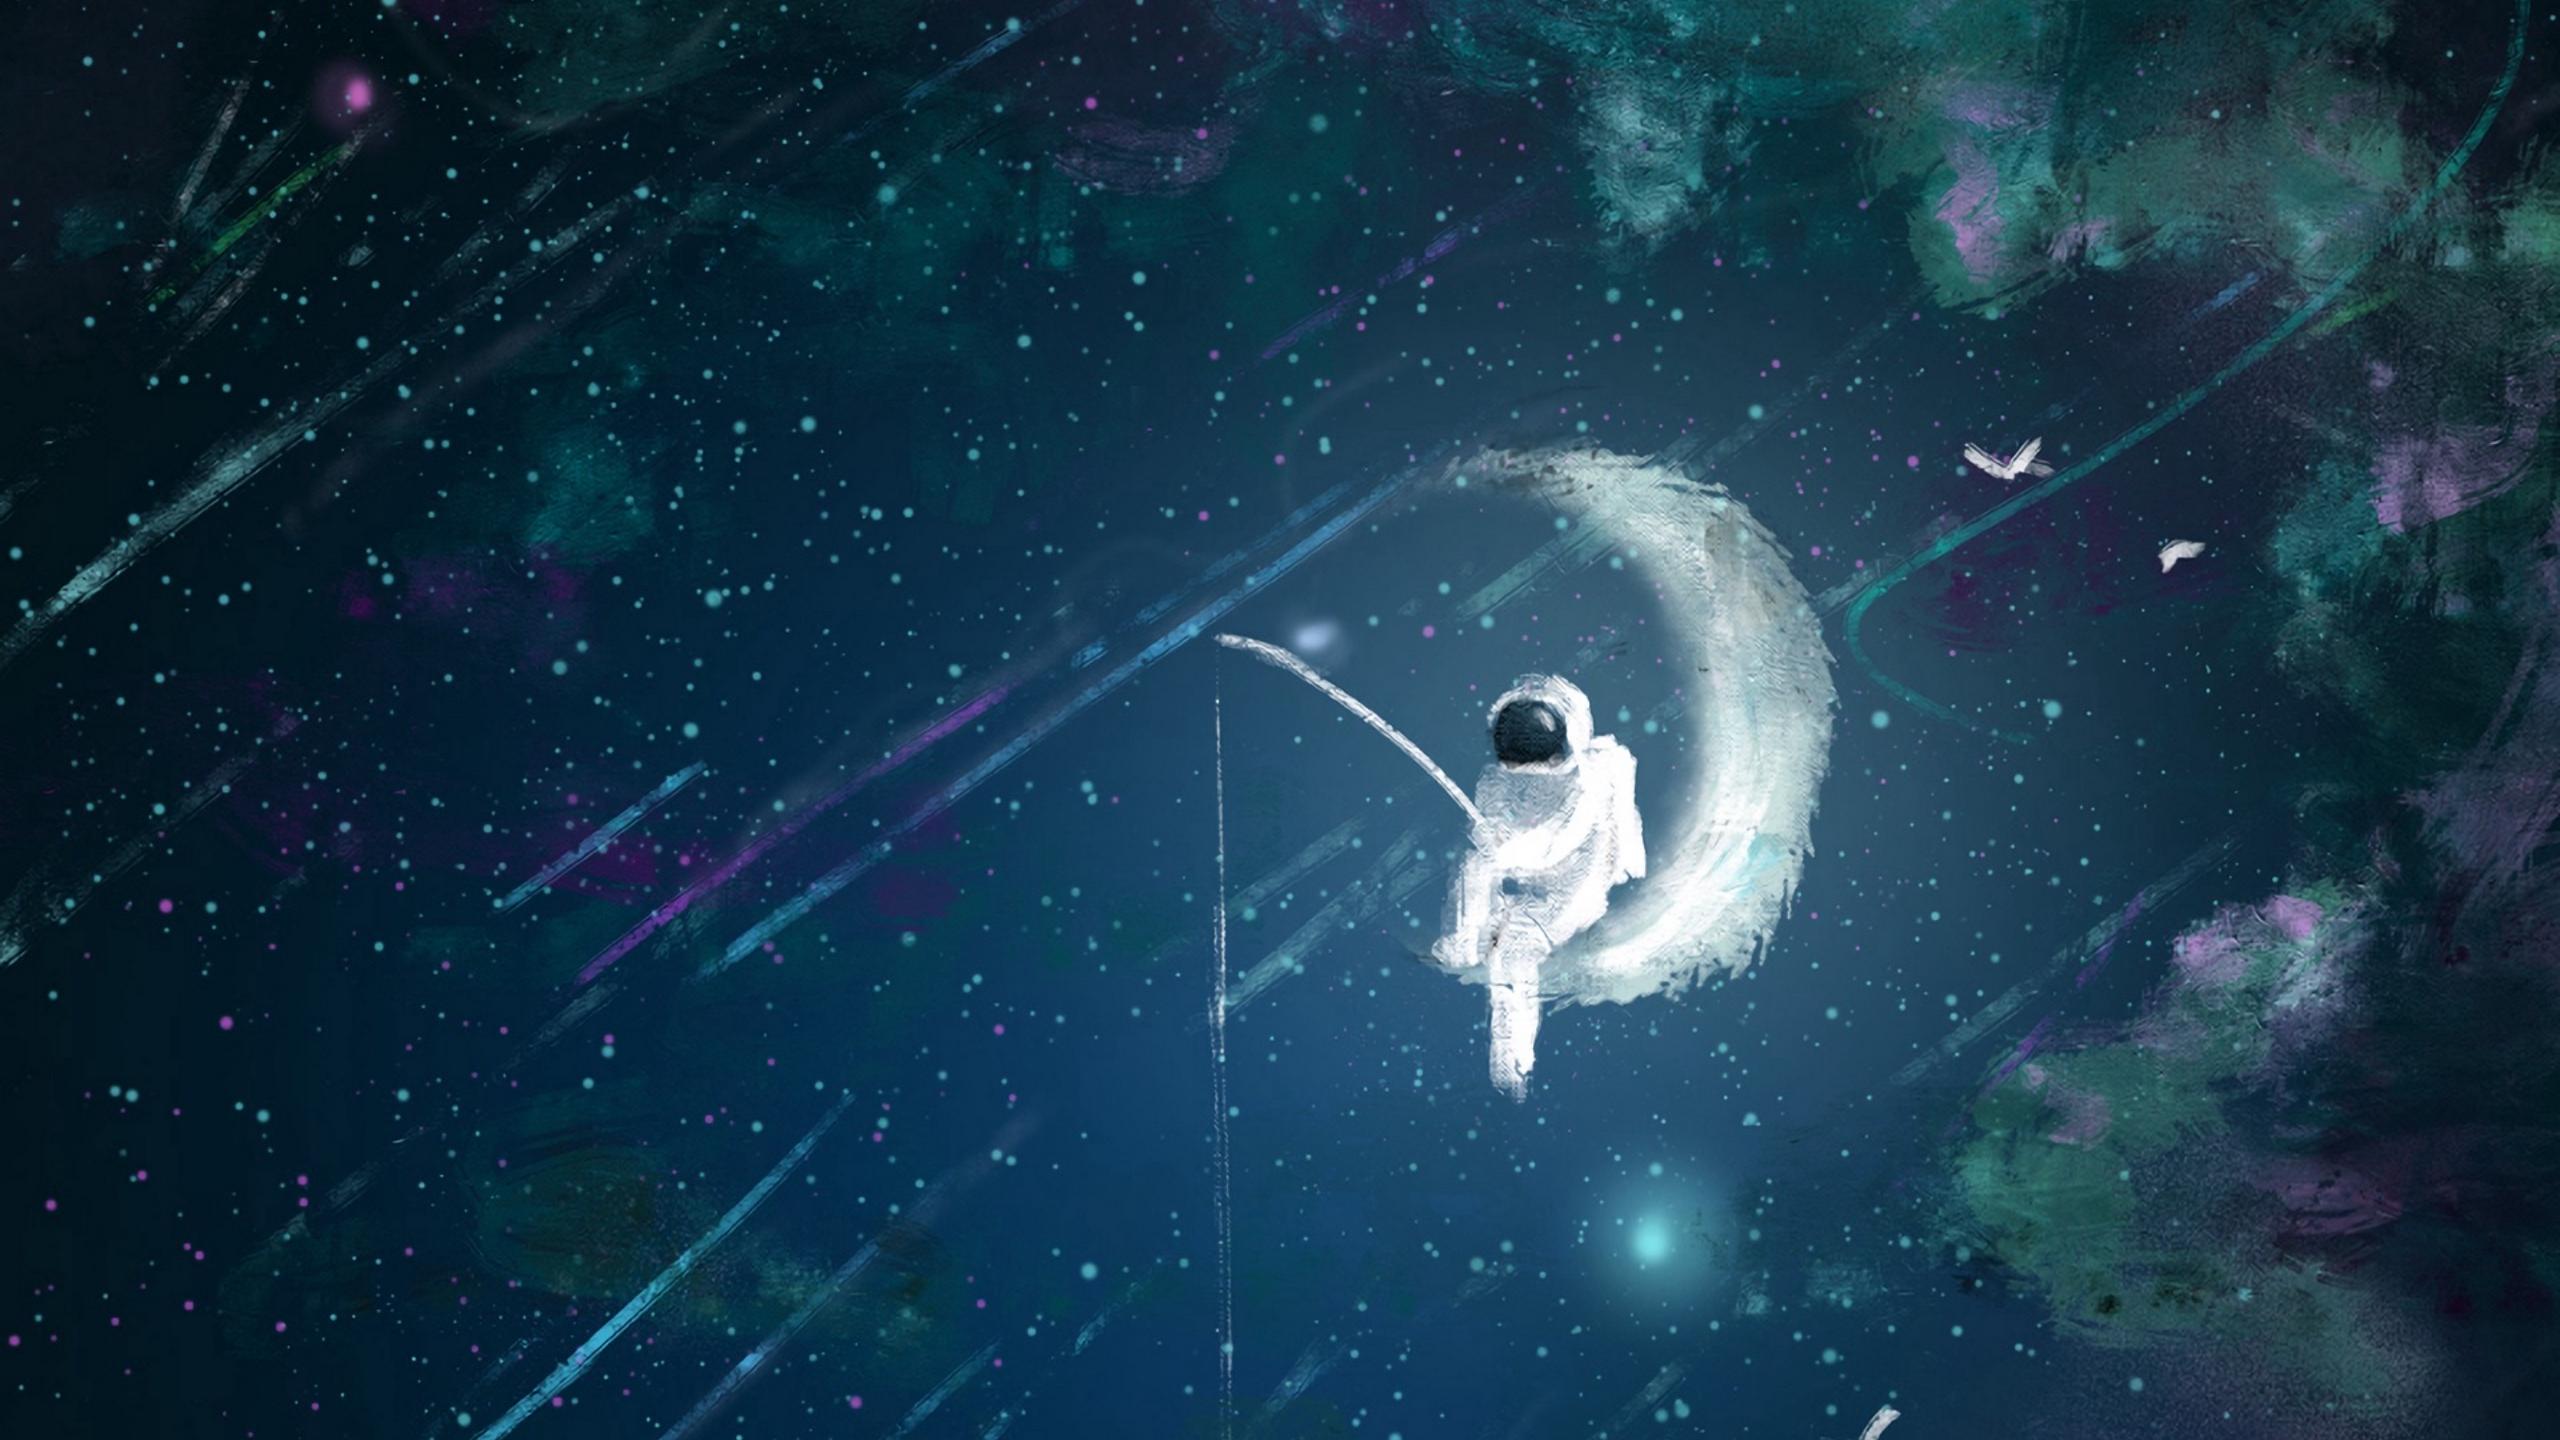 Wallpaper Astronaut, Moon, Fishing, Art - Space Fishing Hd , HD Wallpaper & Backgrounds